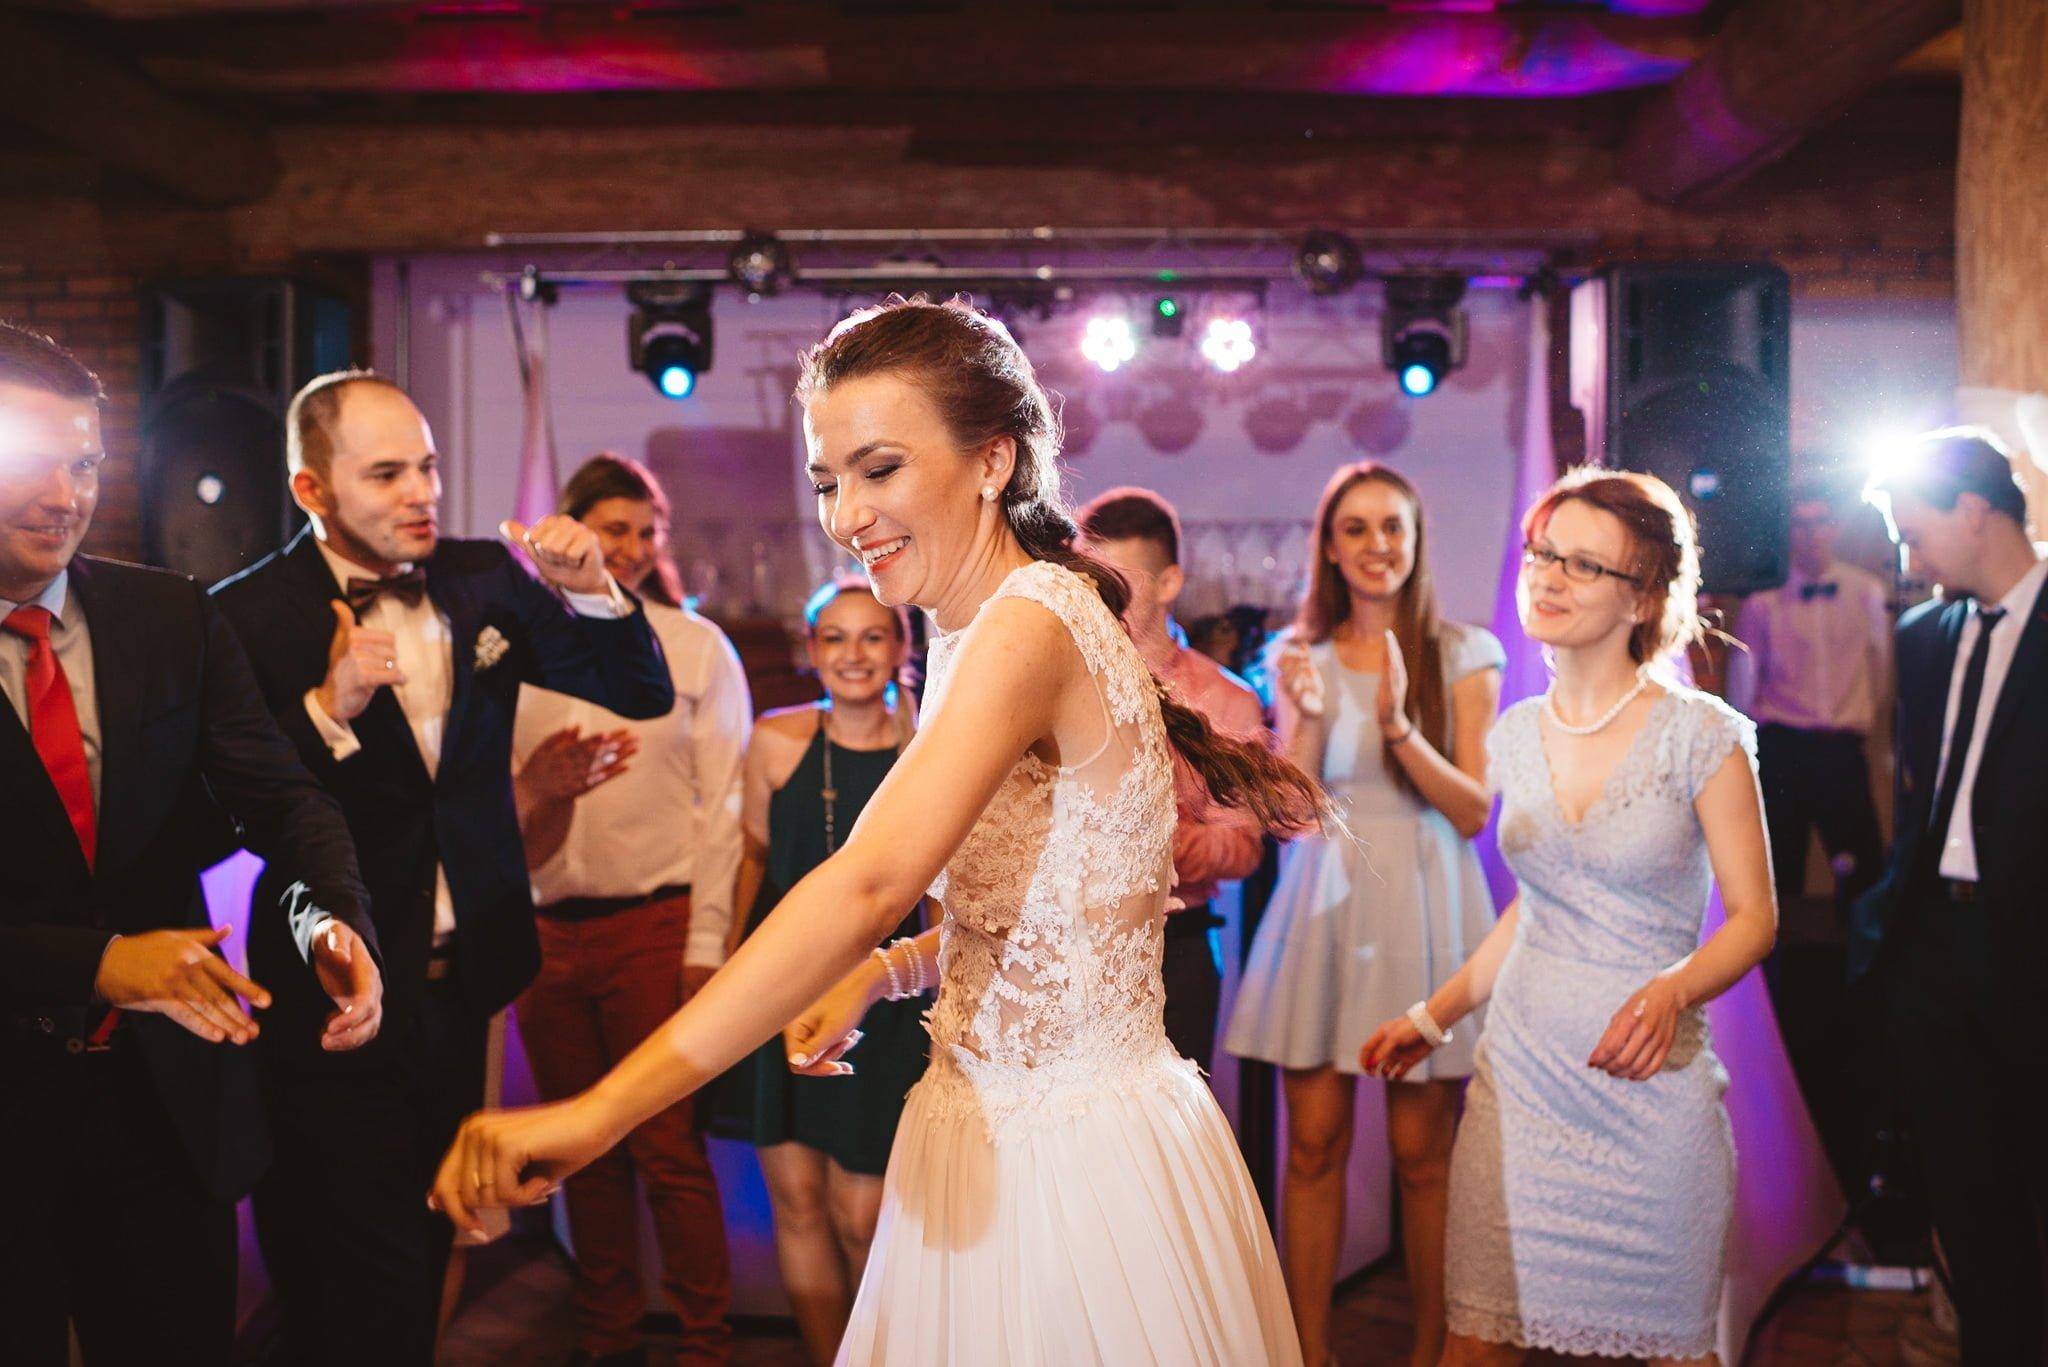 Ala i Arek, czyli jak zorganizować ślub i wesele w 4 tygodnie! 203